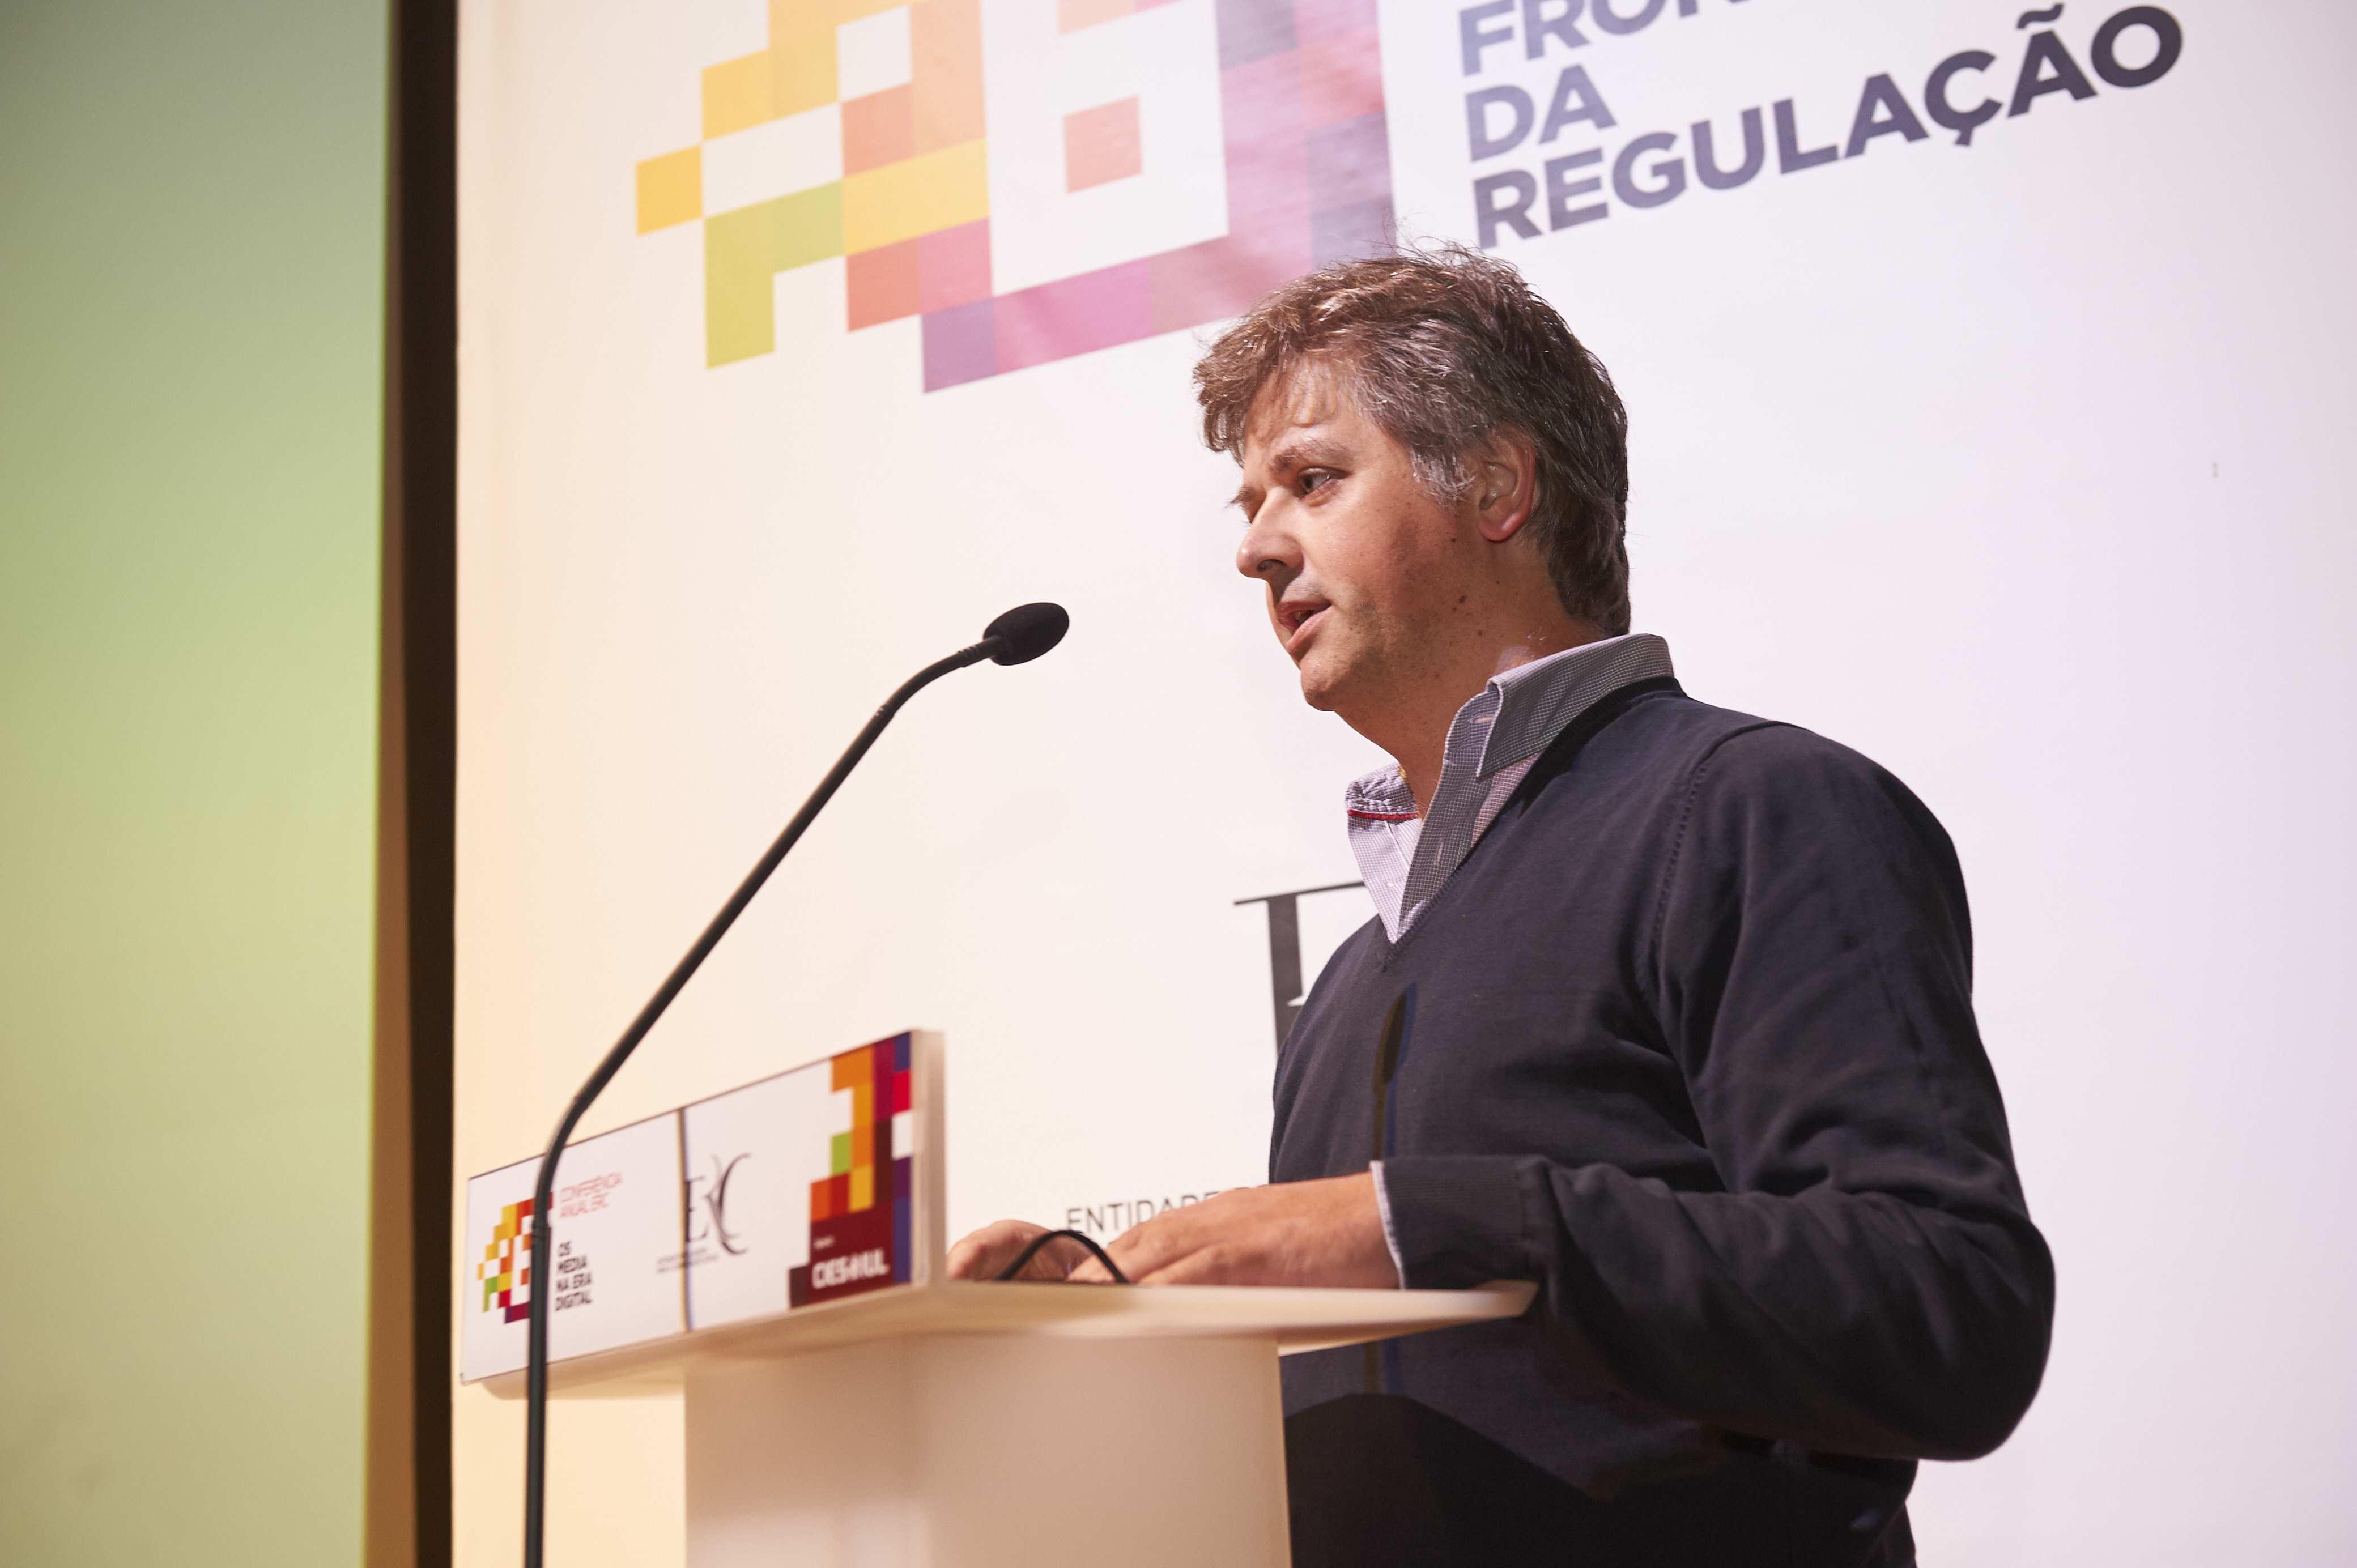 Celso Martinho Diretor-Geral do Portal Sapo na sua intervenção.